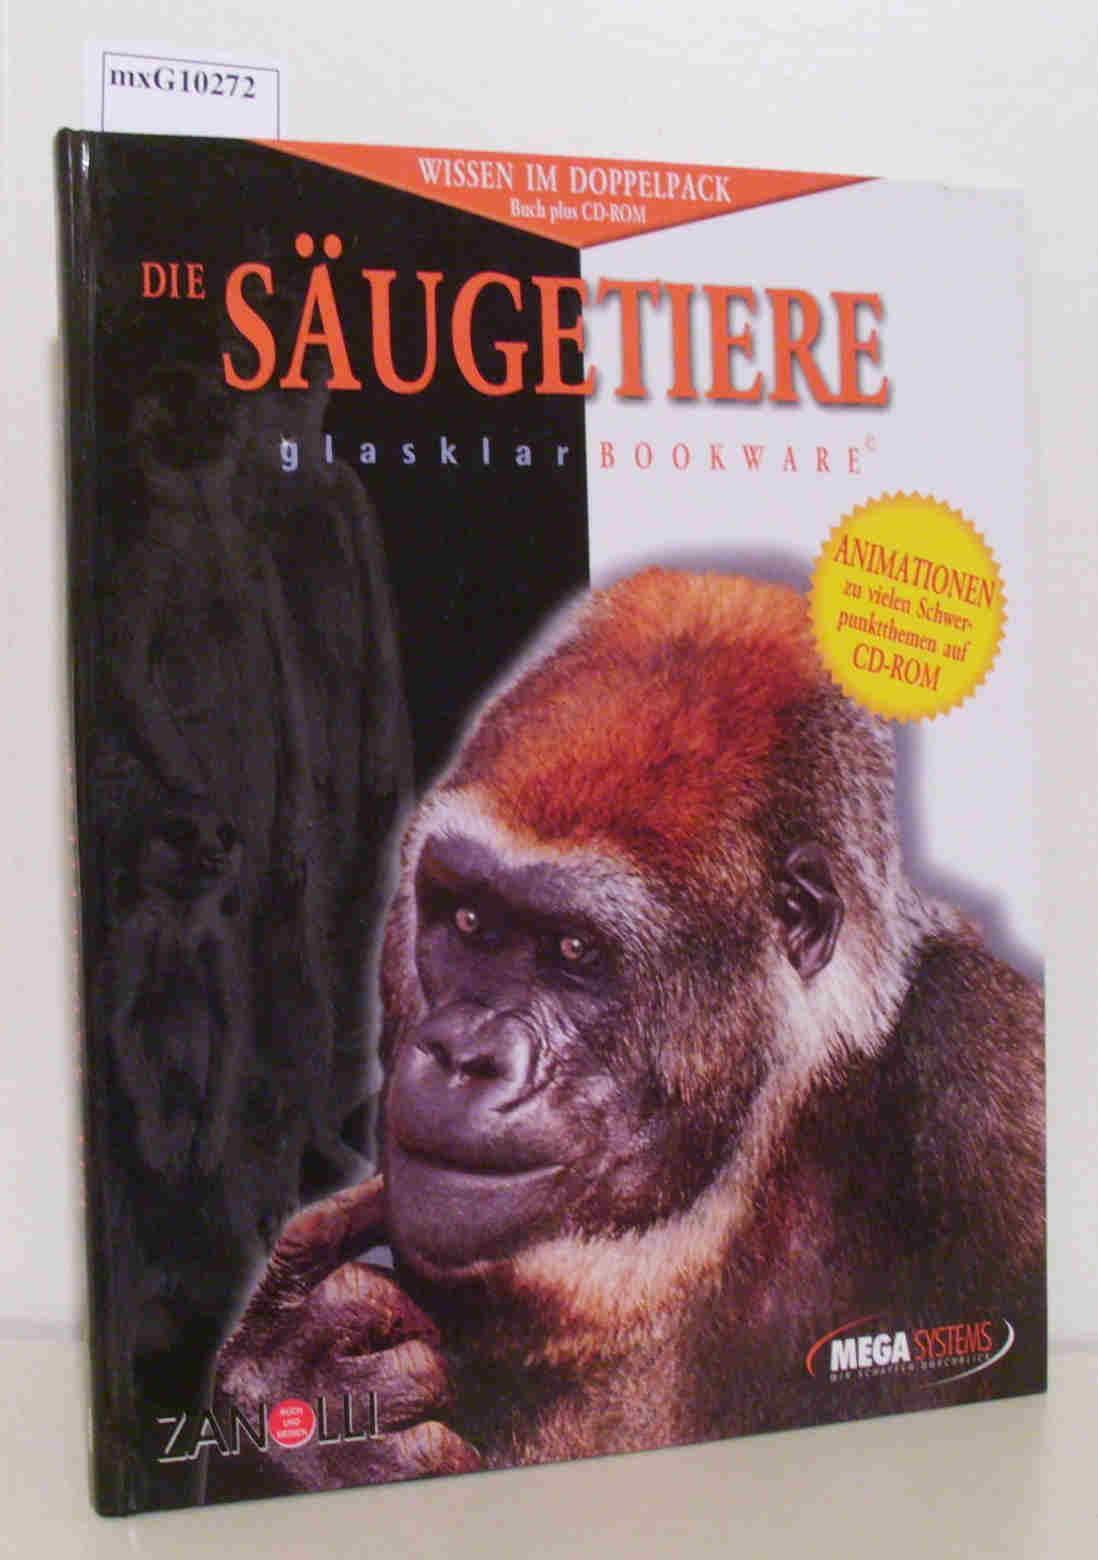 Wissen im Doppelpack - Die Säugetiere. glasklar Bookware